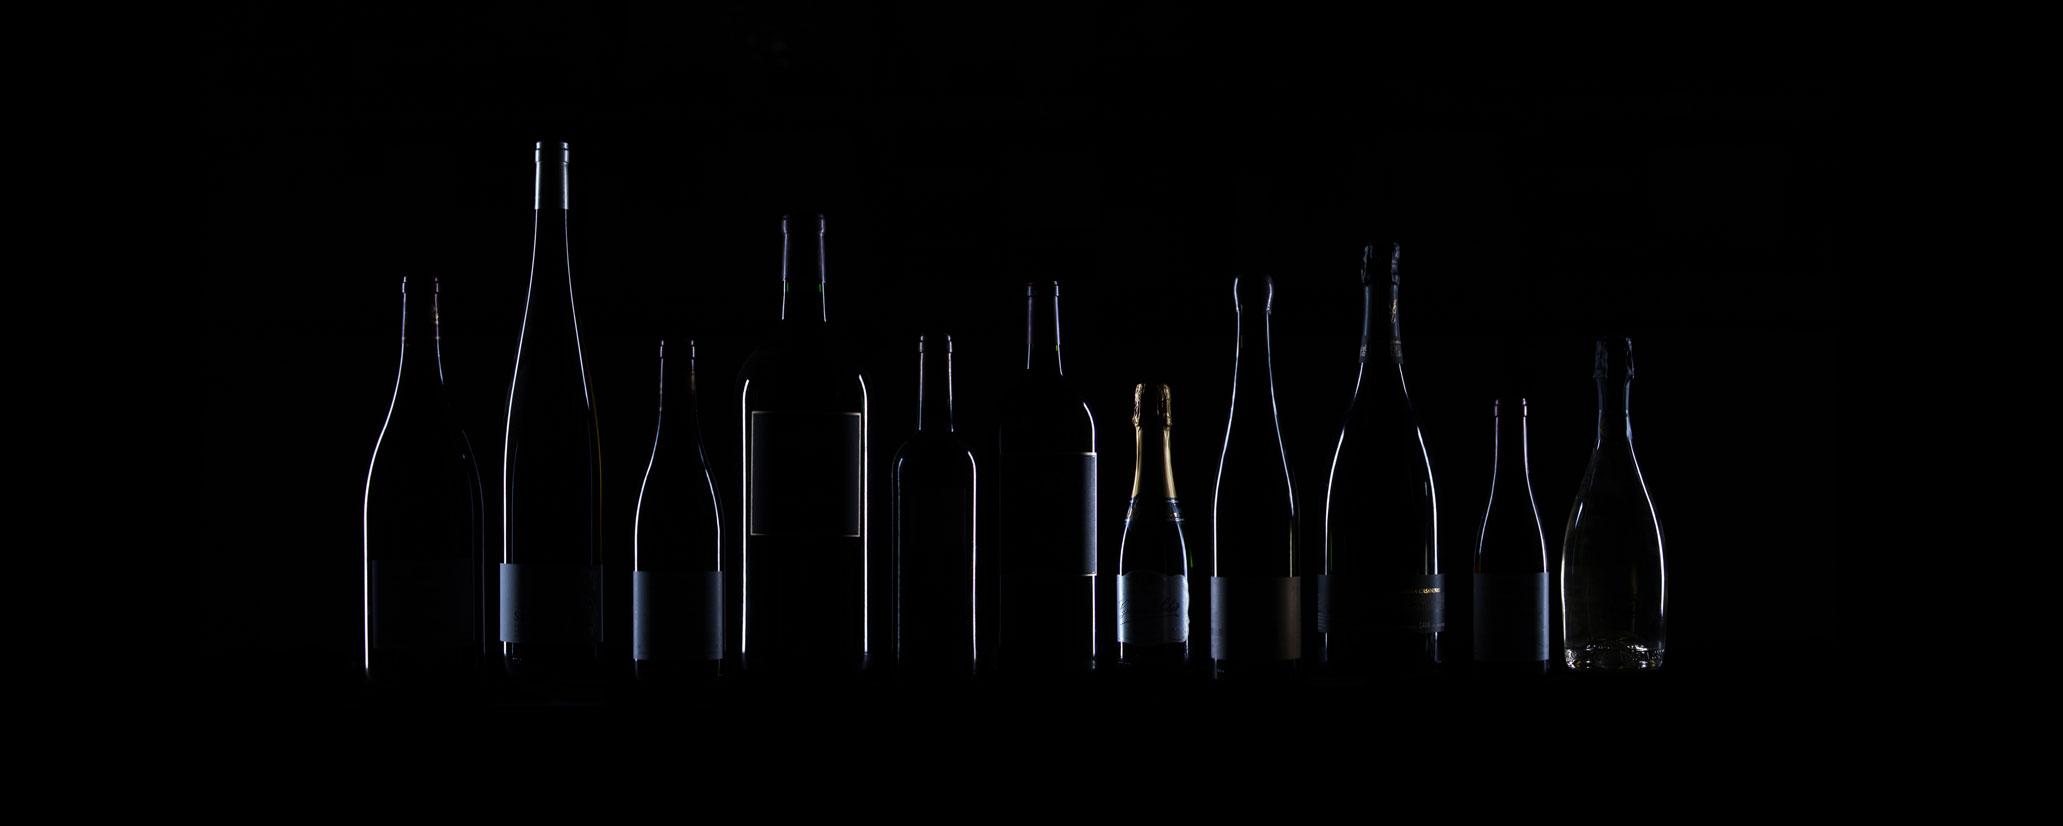 Bossche Wijnkoperij - wijnflessen